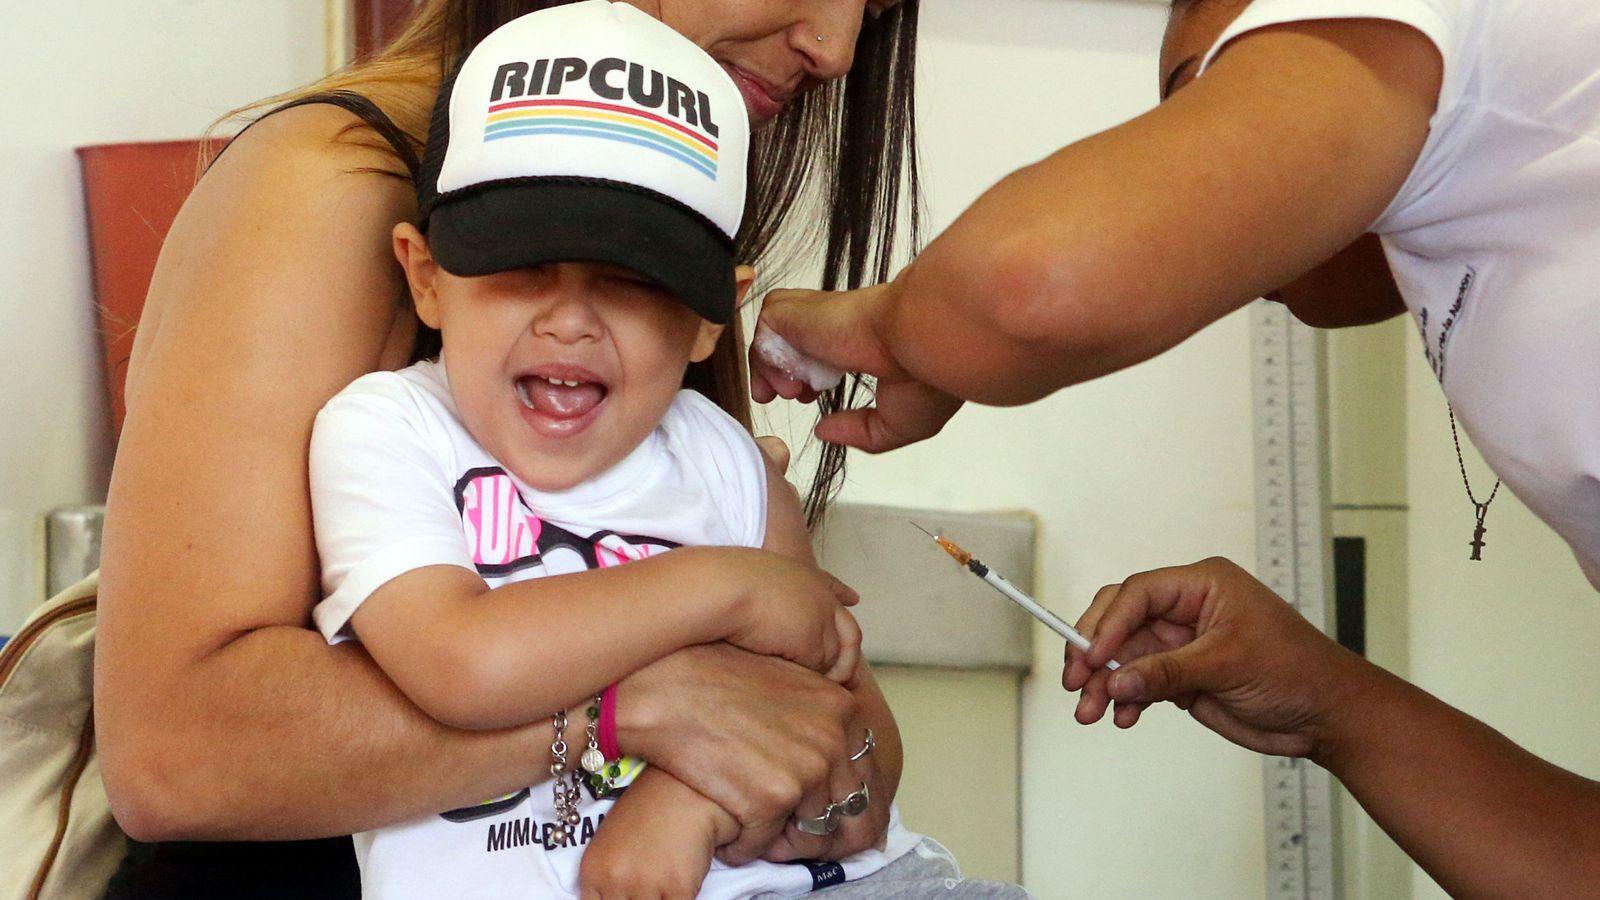 Foto: Un niño reacciona al recibir la vacuna contra la fiebre amarilla, dengue, chikunguña y zika (Marcos Brindicci / Reuters)